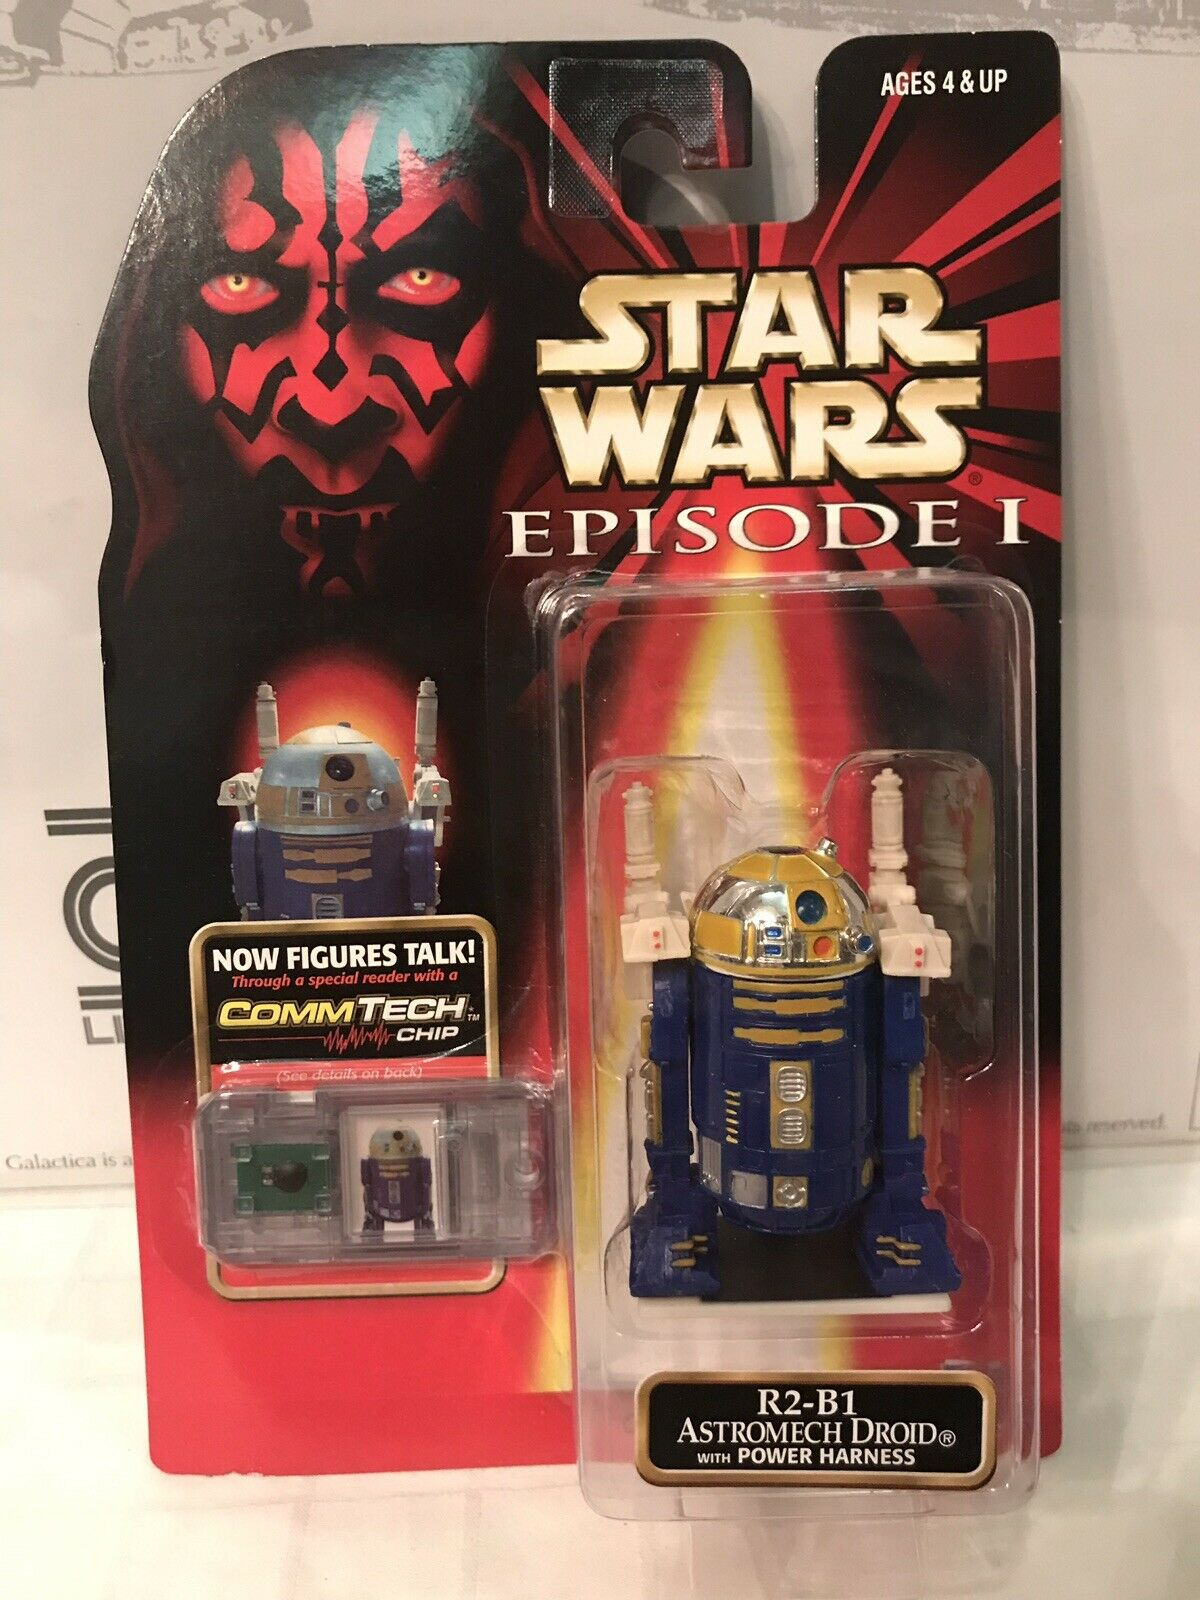 Entrega rápida y envío gratis en todos los pedidos. Estrella Wars episodio I R2-B1 R2-B1 R2-B1 japonés  el mas de moda